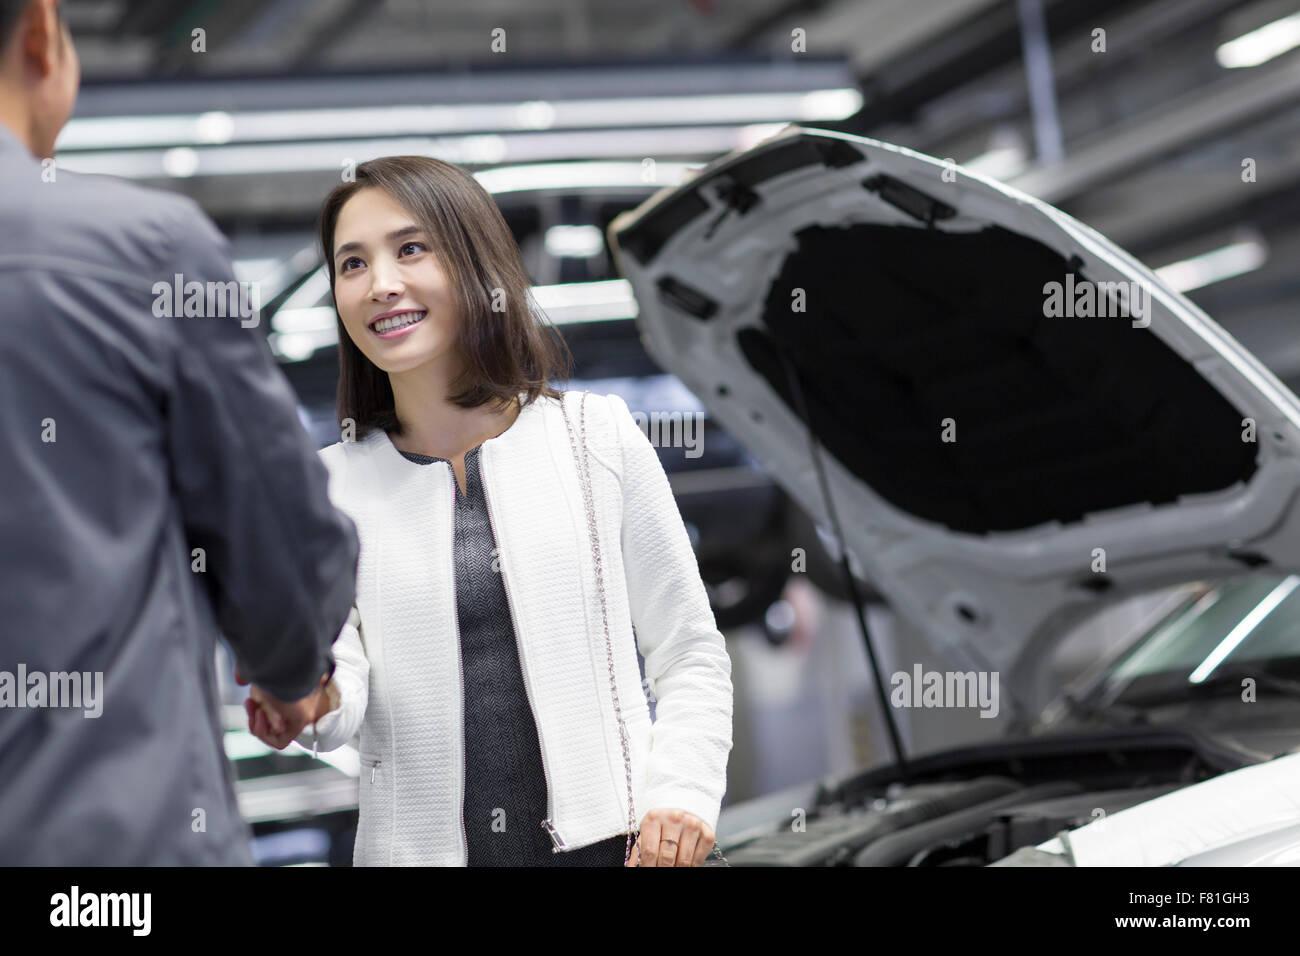 Auto-Mechaniker und Auto-Besitzer Händeschütteln Stockfoto, Bild ...